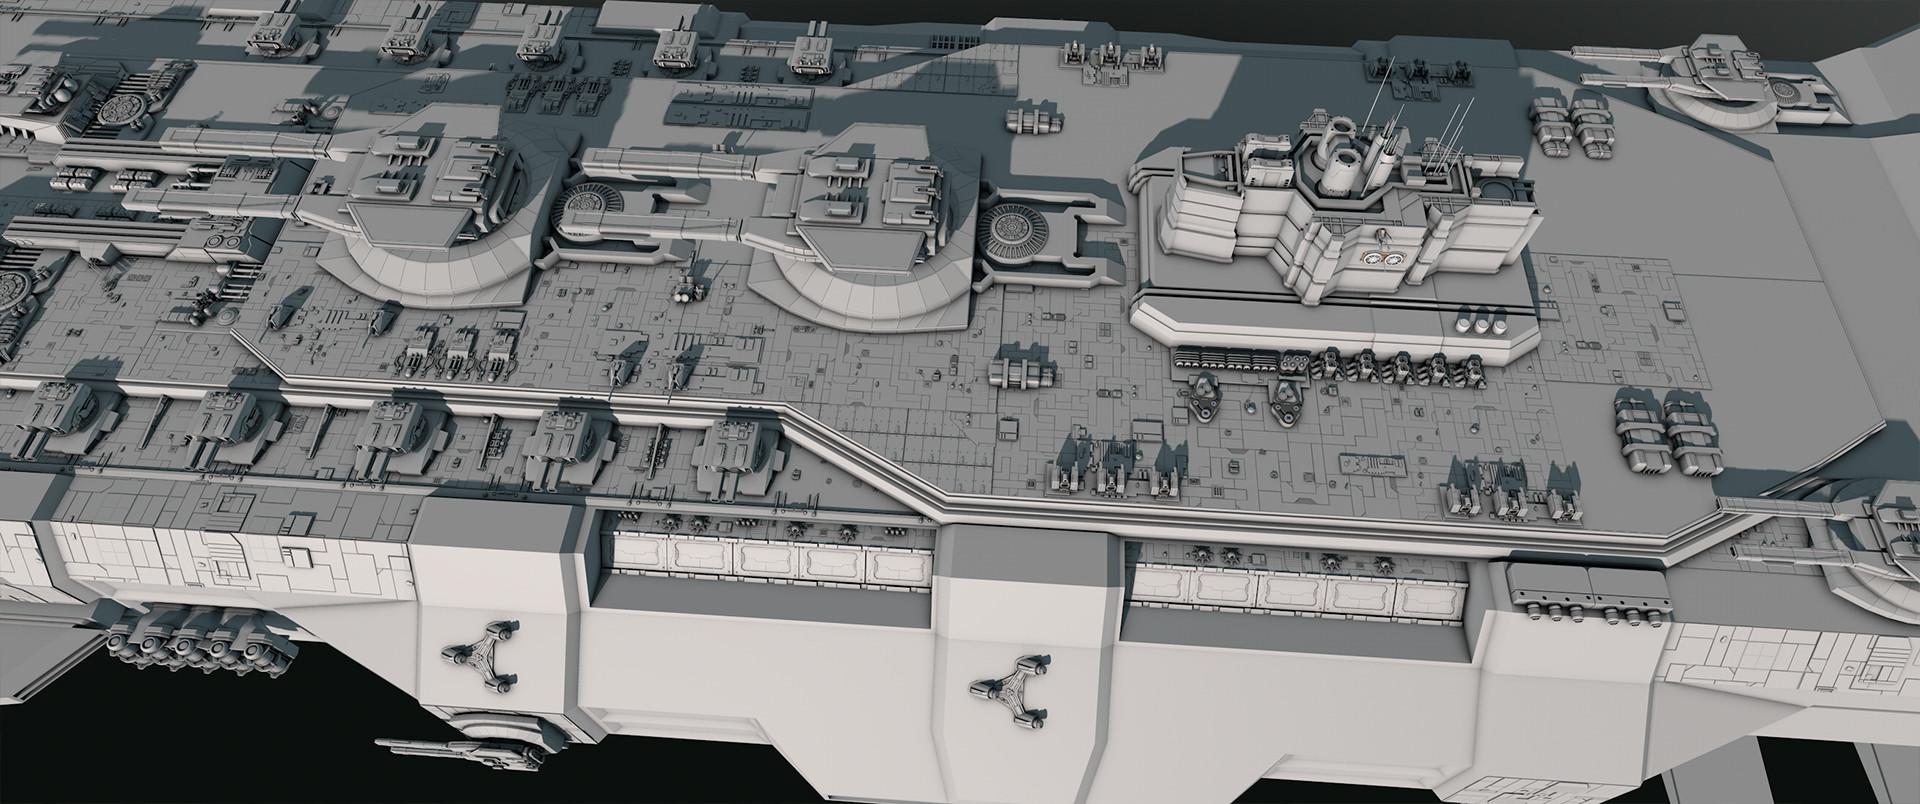 Glenn clovis concept battleship saratoga 30